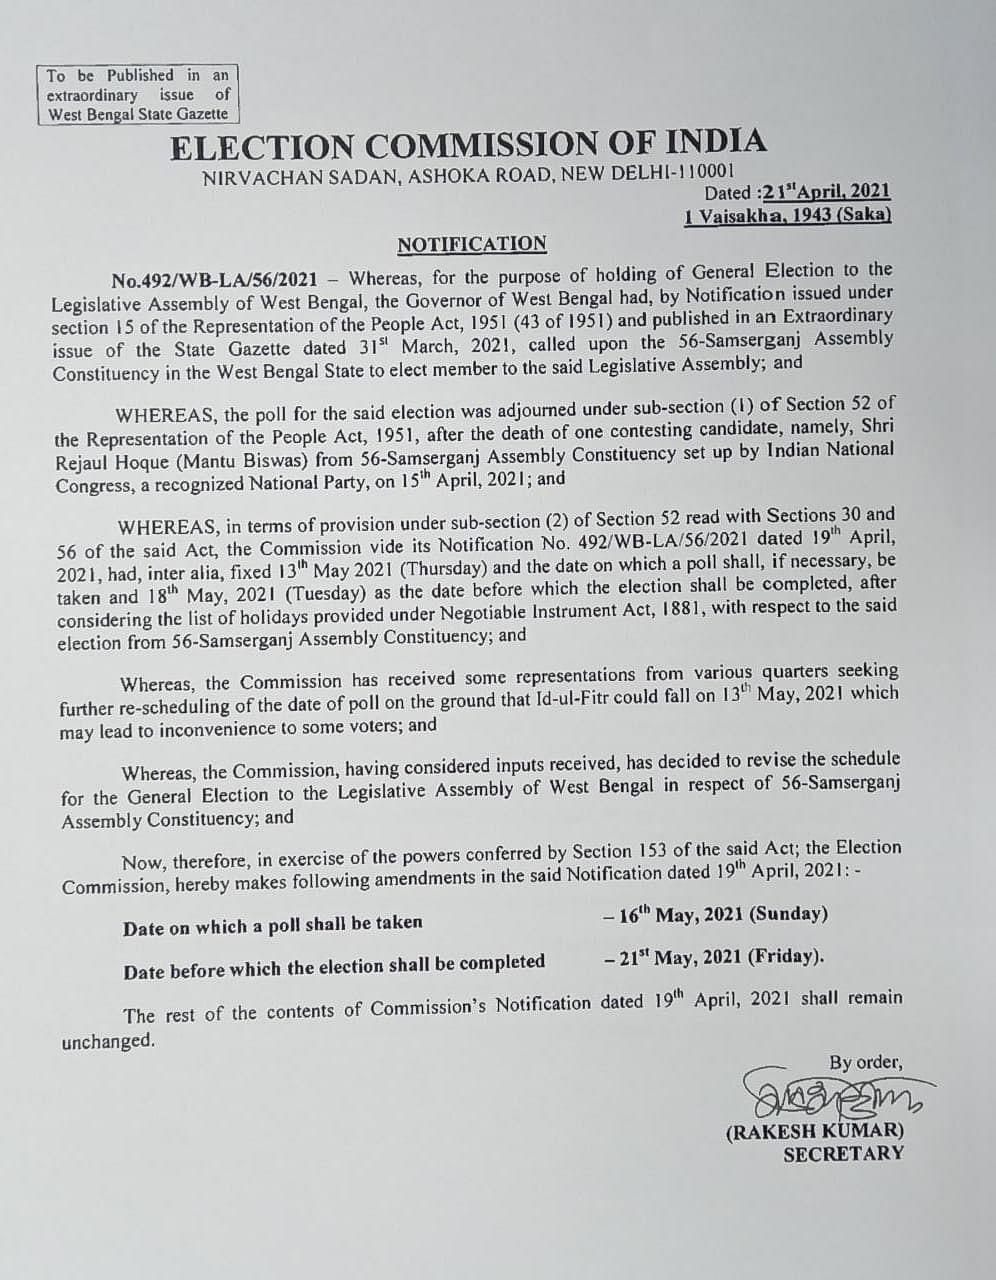 चुनाव आयोग का आदेश